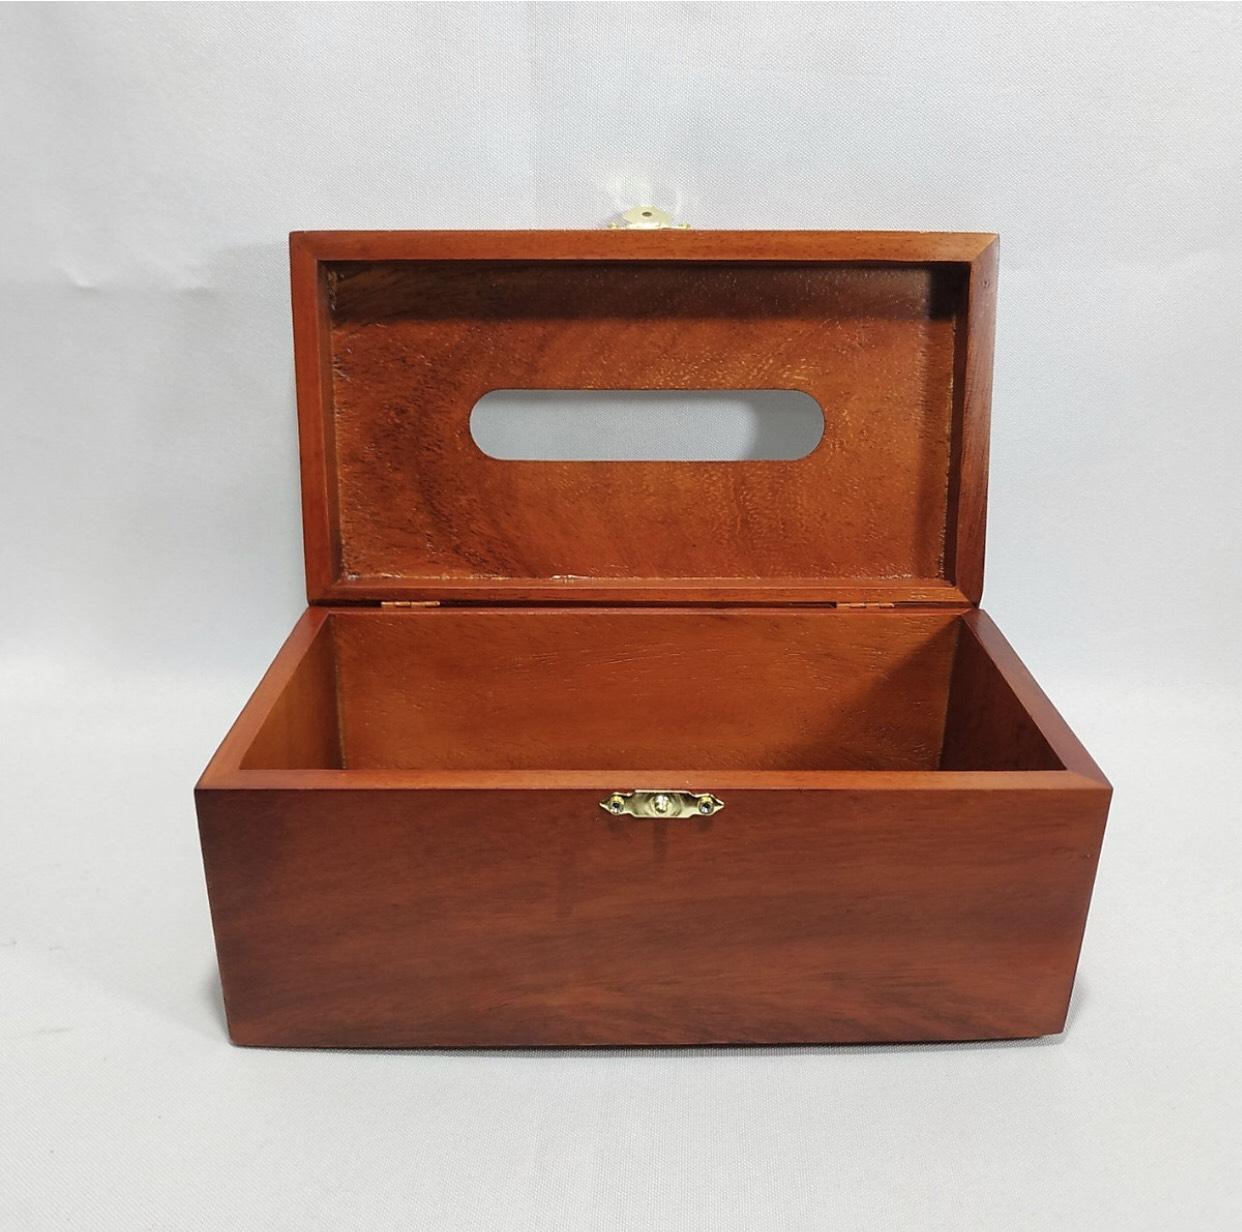 Hộp đựng giấy ăn gỗ hương chạm hoa hồng leo - BH511